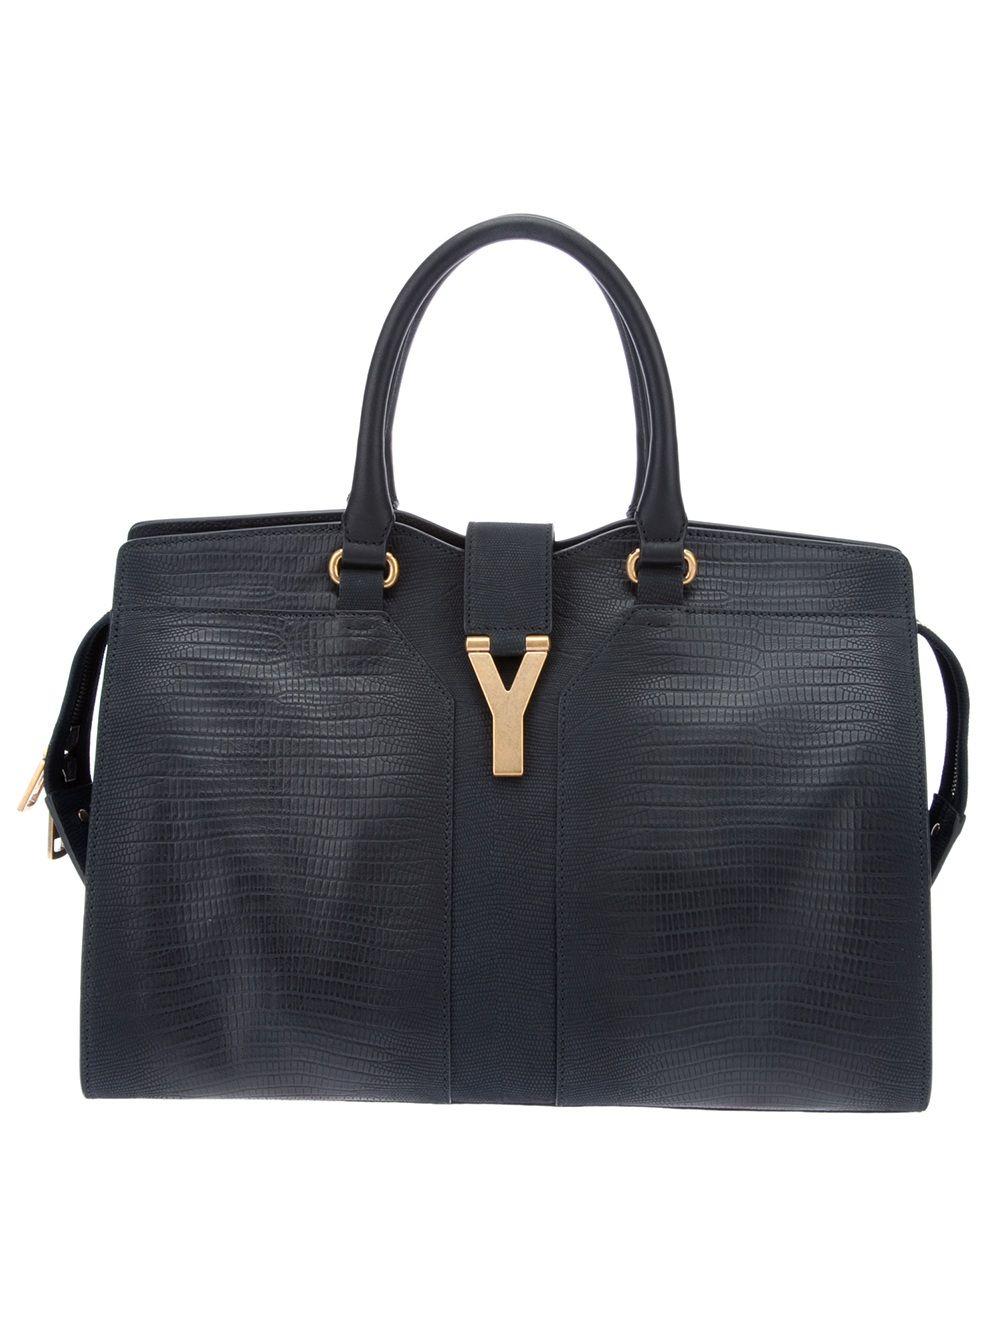 Yves Saint Laurent Bolsa Preta. - Stefania Mode - farfetch.com.br